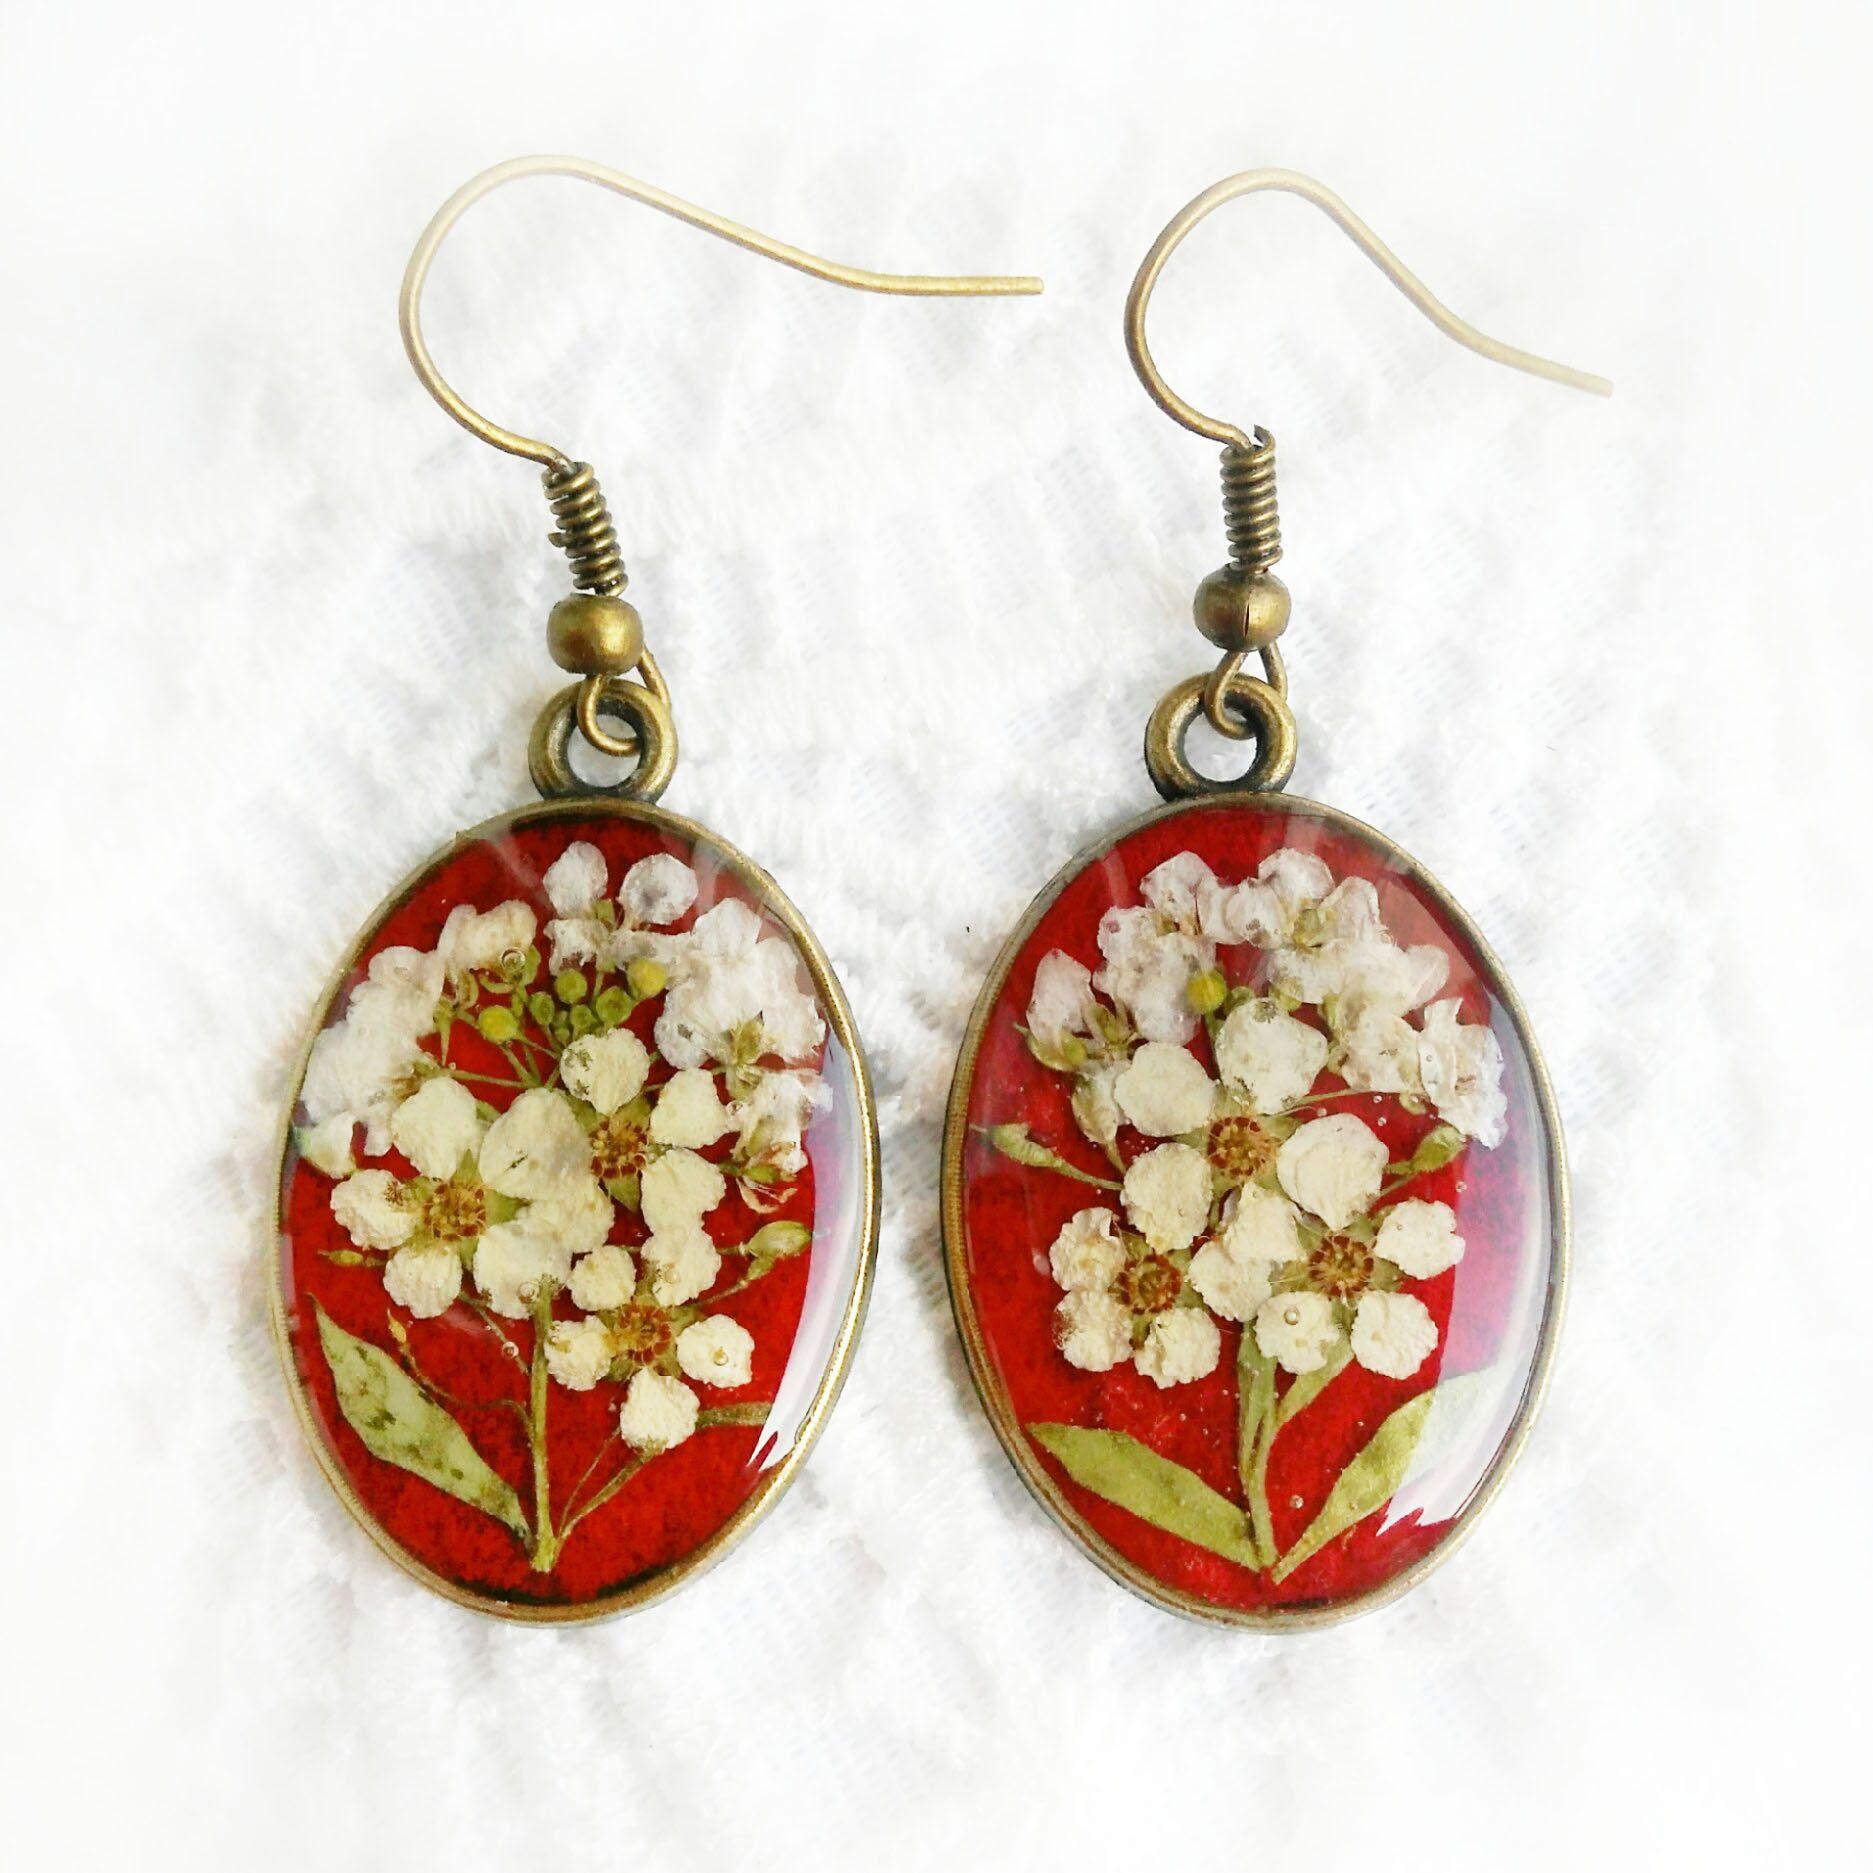 42edba0bcc86b6 Red Earrings Dread Flowers Jewelry Real Flowers Terrarium Epoxy Resin  Earrings Flower Girl Botanical Beauty Gift Wedding Beauty Gift Jewelry